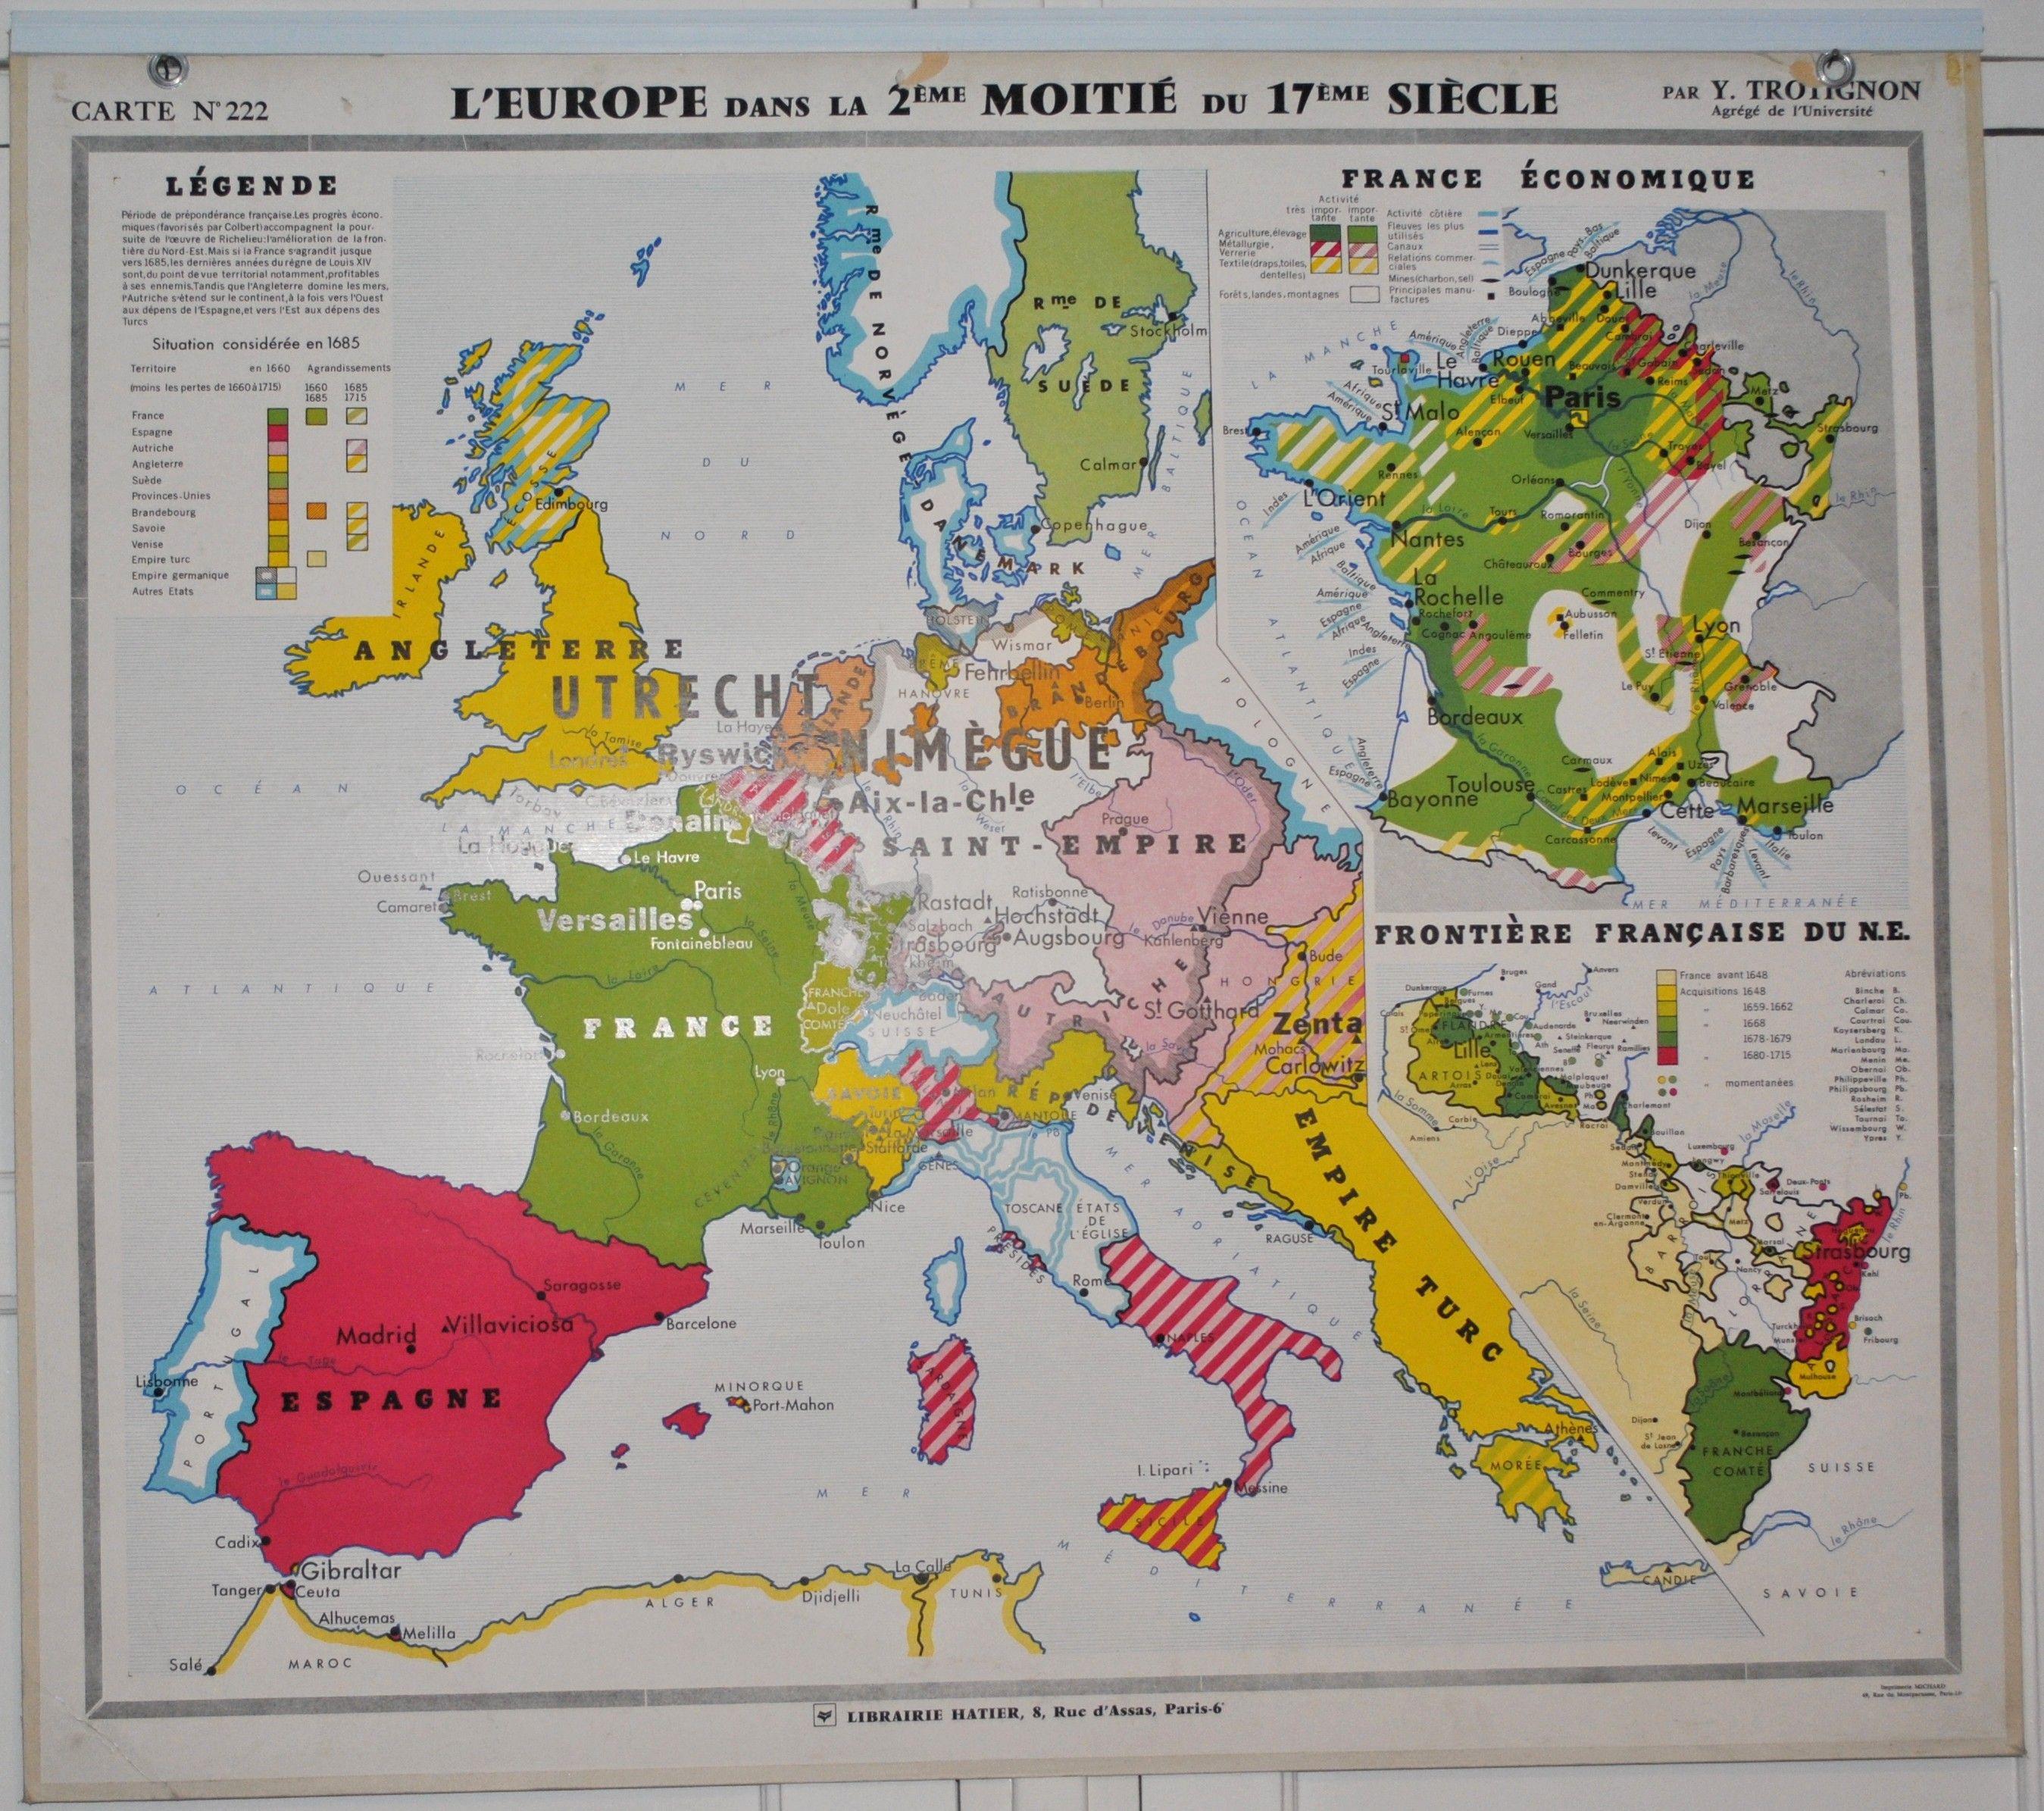 Carte N°222 223 L Europe dans la 2¨me moitié du 17¨me Si¨cle et L